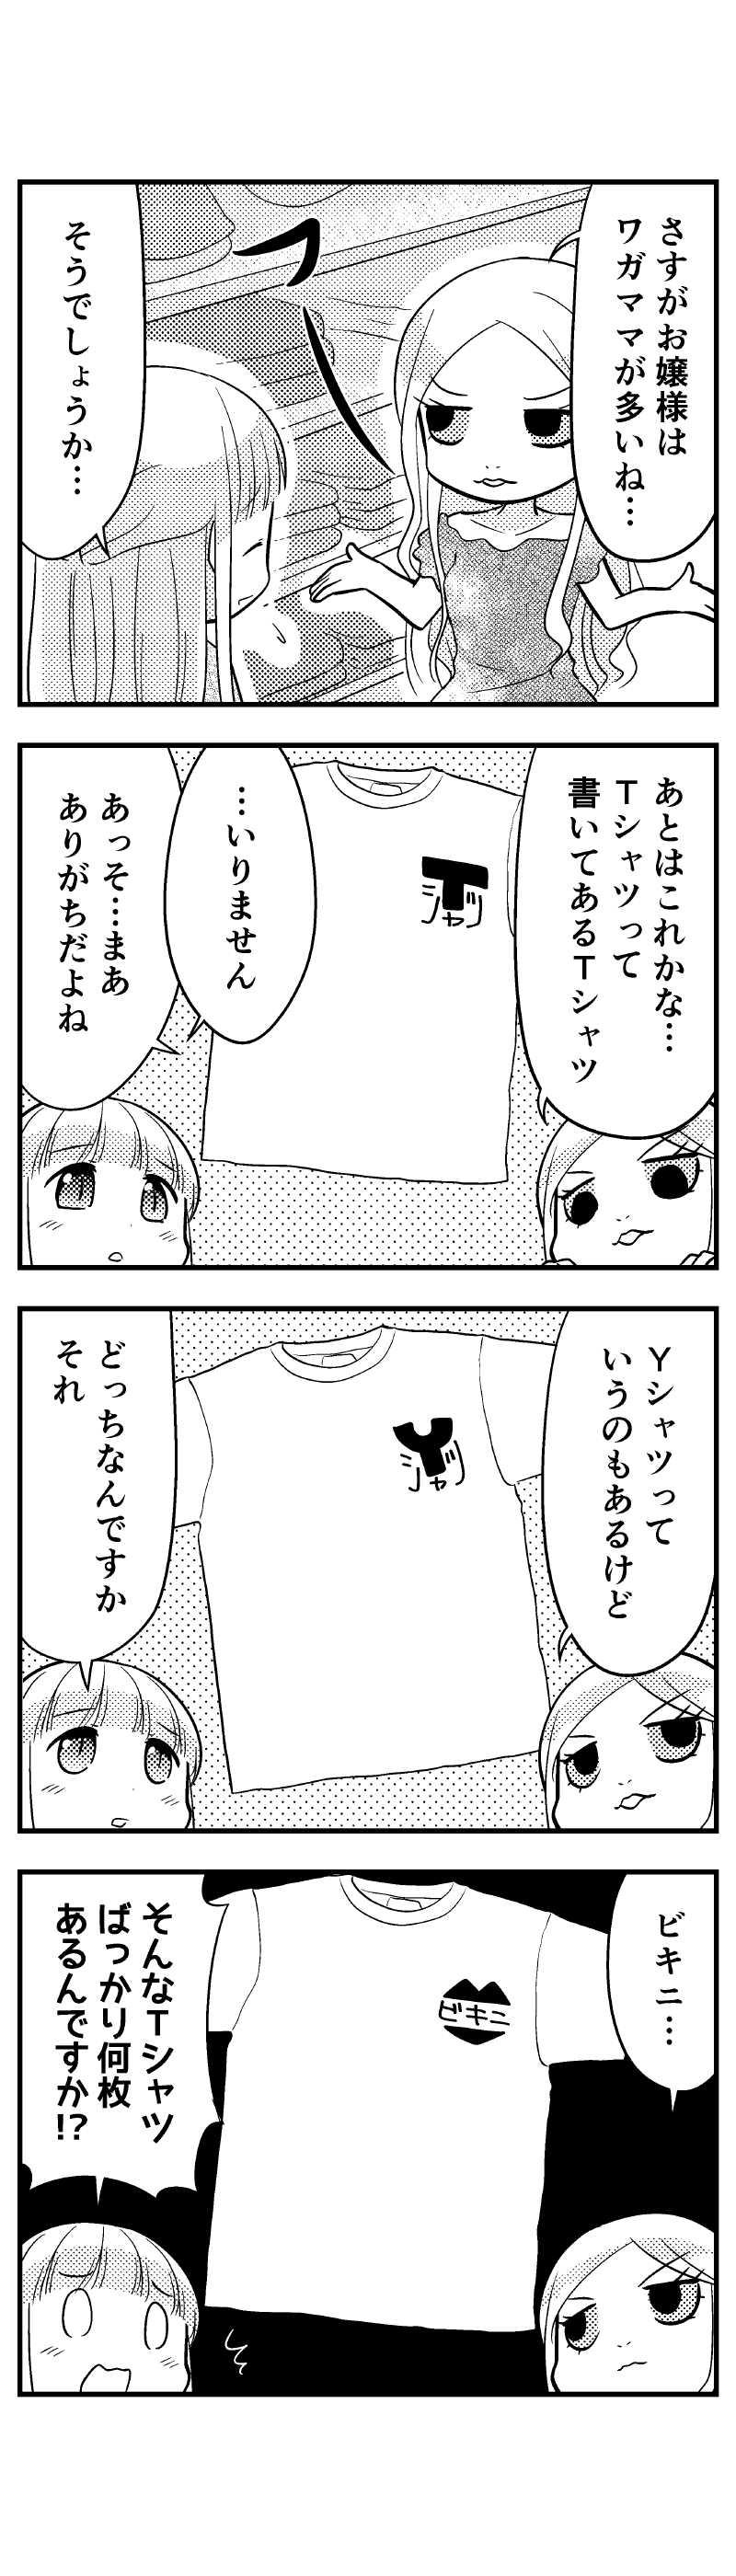 061 服飾販売